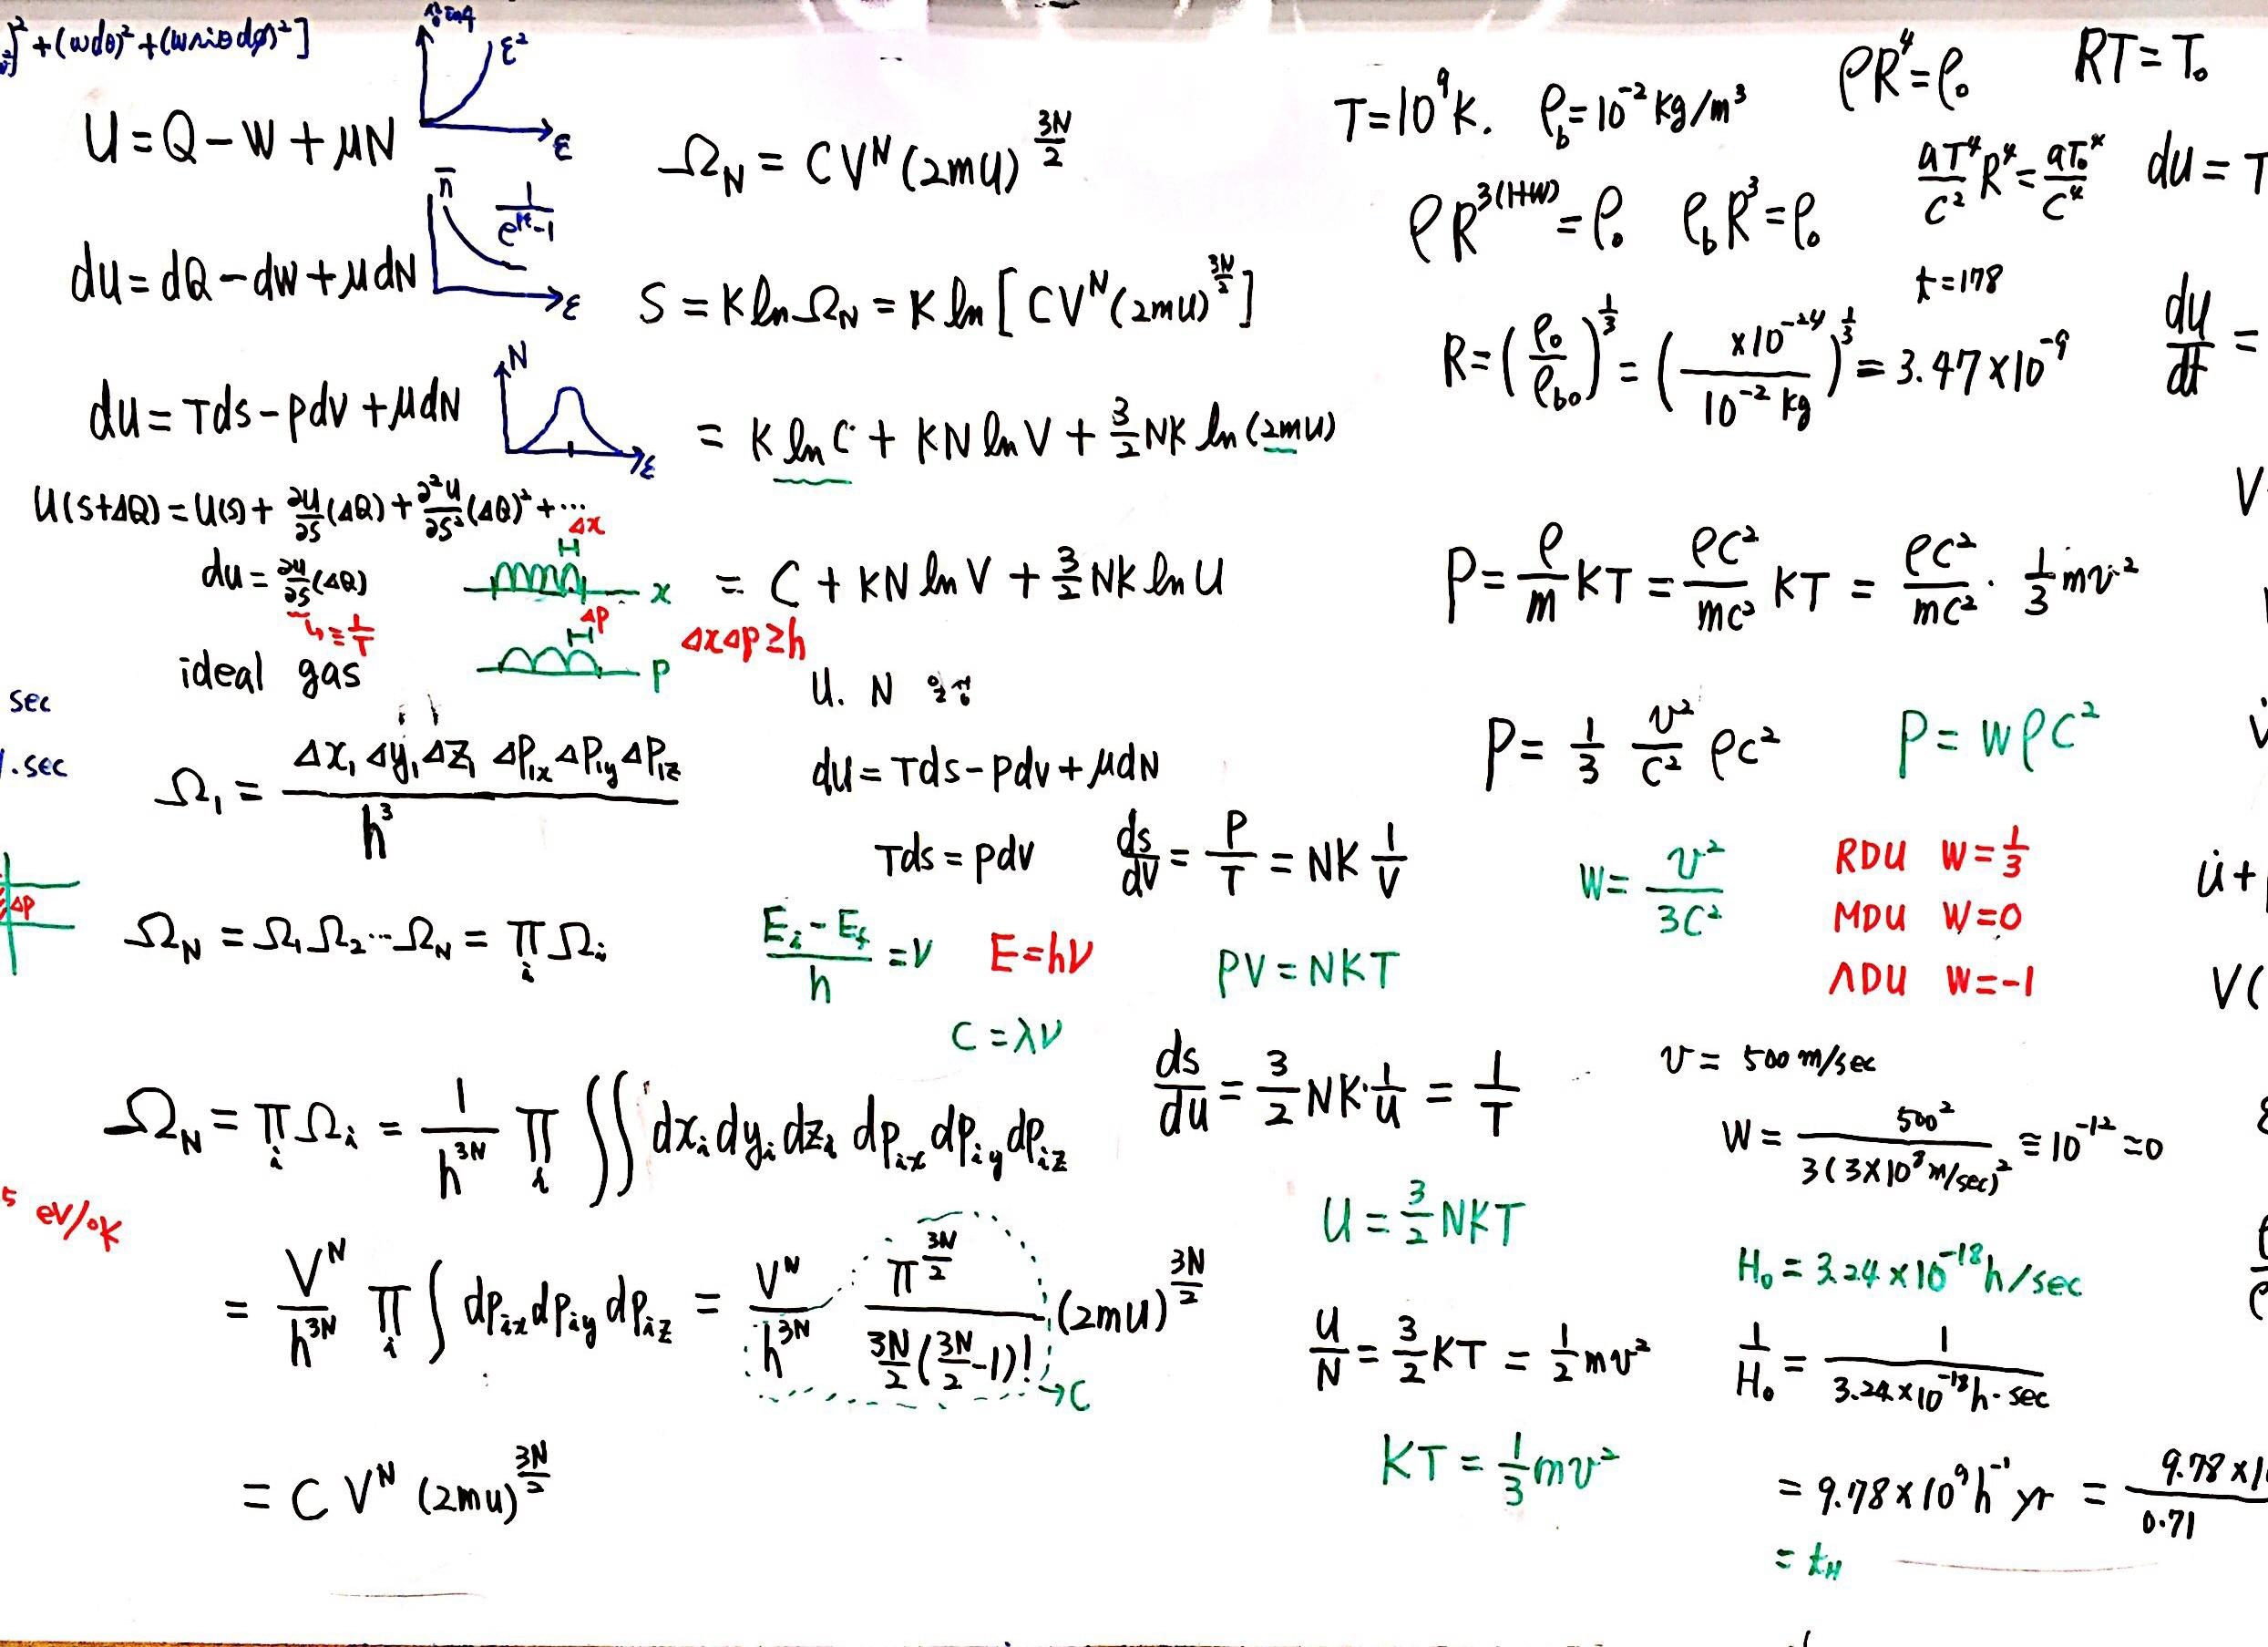 제 7회 137억년 우주진화  칠판 스캔2강 열역학2 (2).jpg